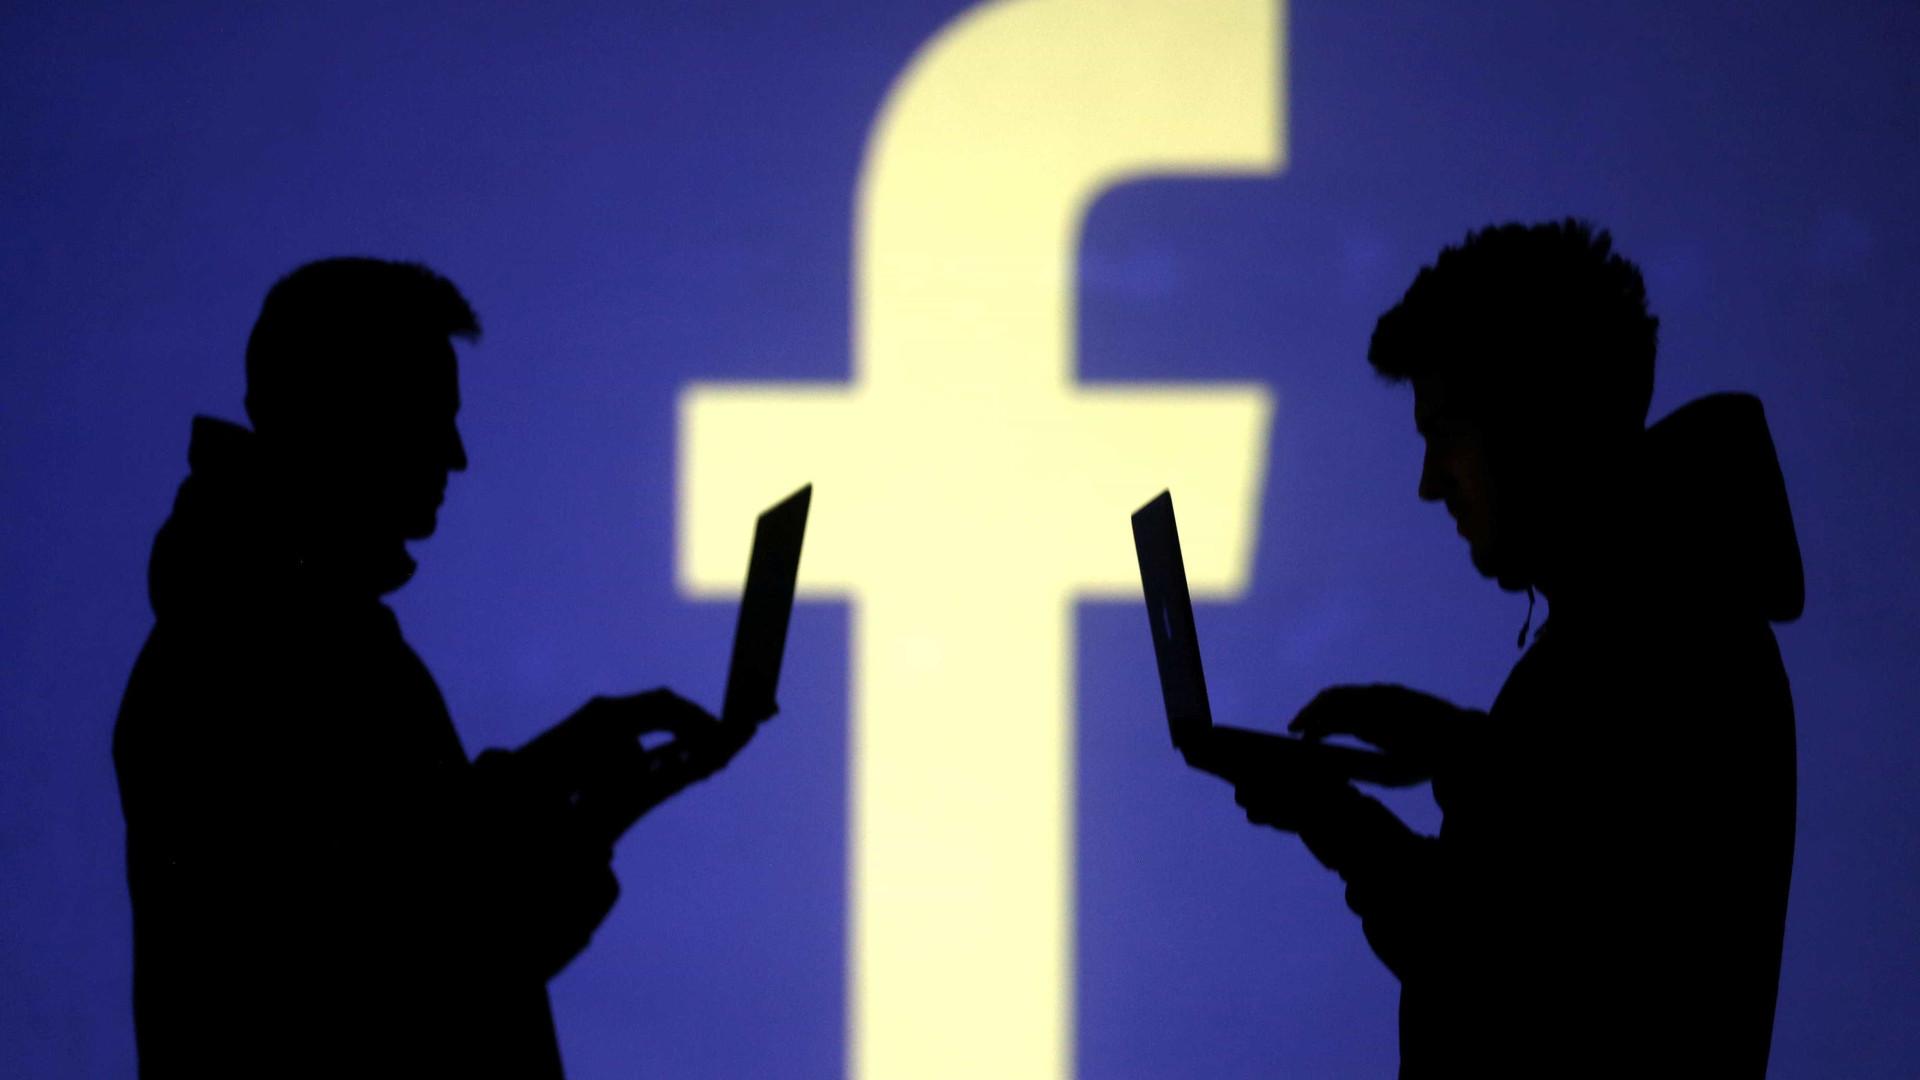 443 mil brasileiros são afetados com uso indevido de dados do Facebook